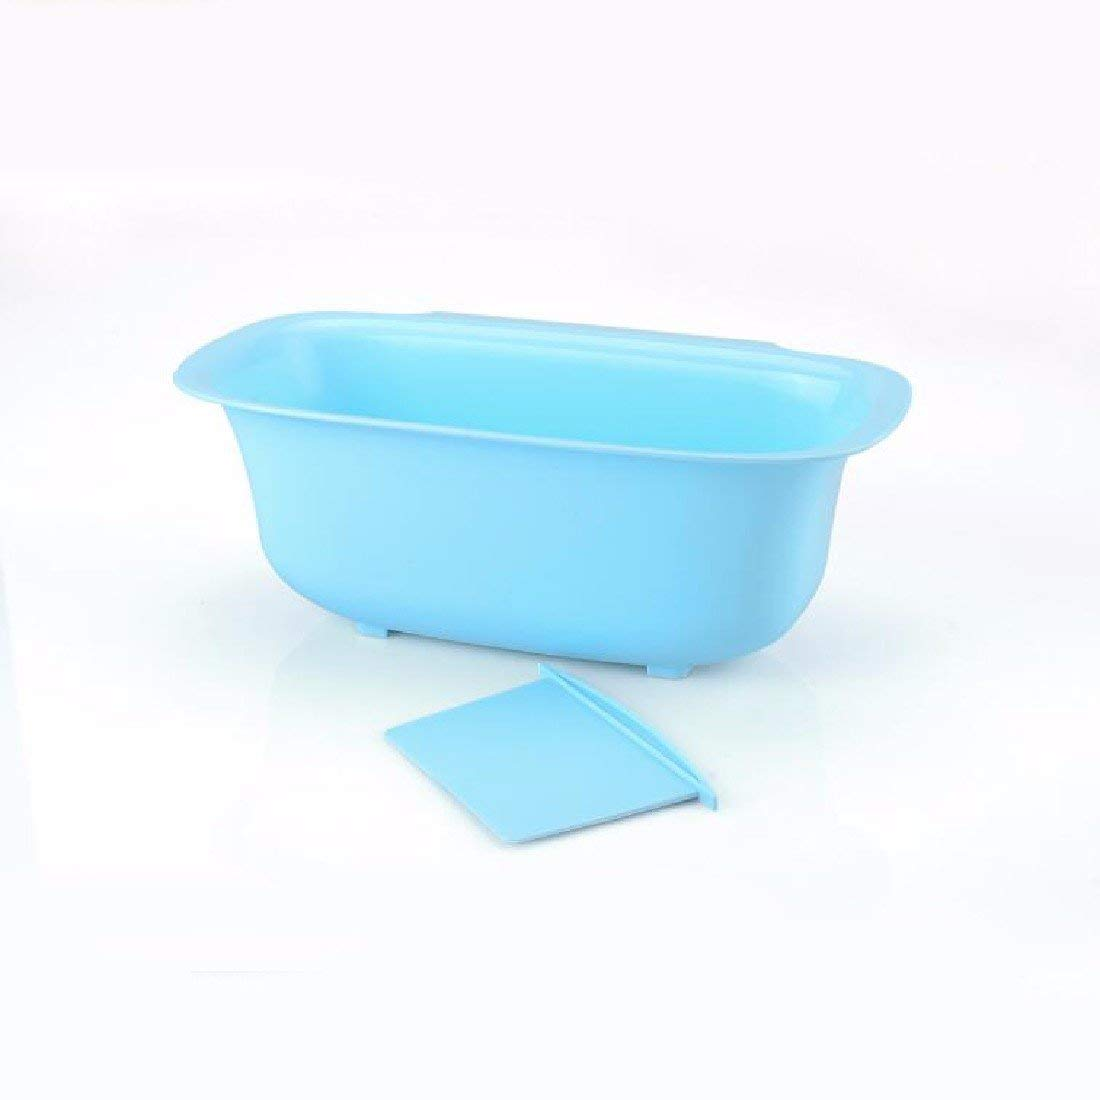 HQLCX-Rubbish Bin Rubbish Bin Kitchen Trash Bin Cabinet Door Hanging Sundry Bucket Creative Desktop Plastic Trash Can 3,Blue